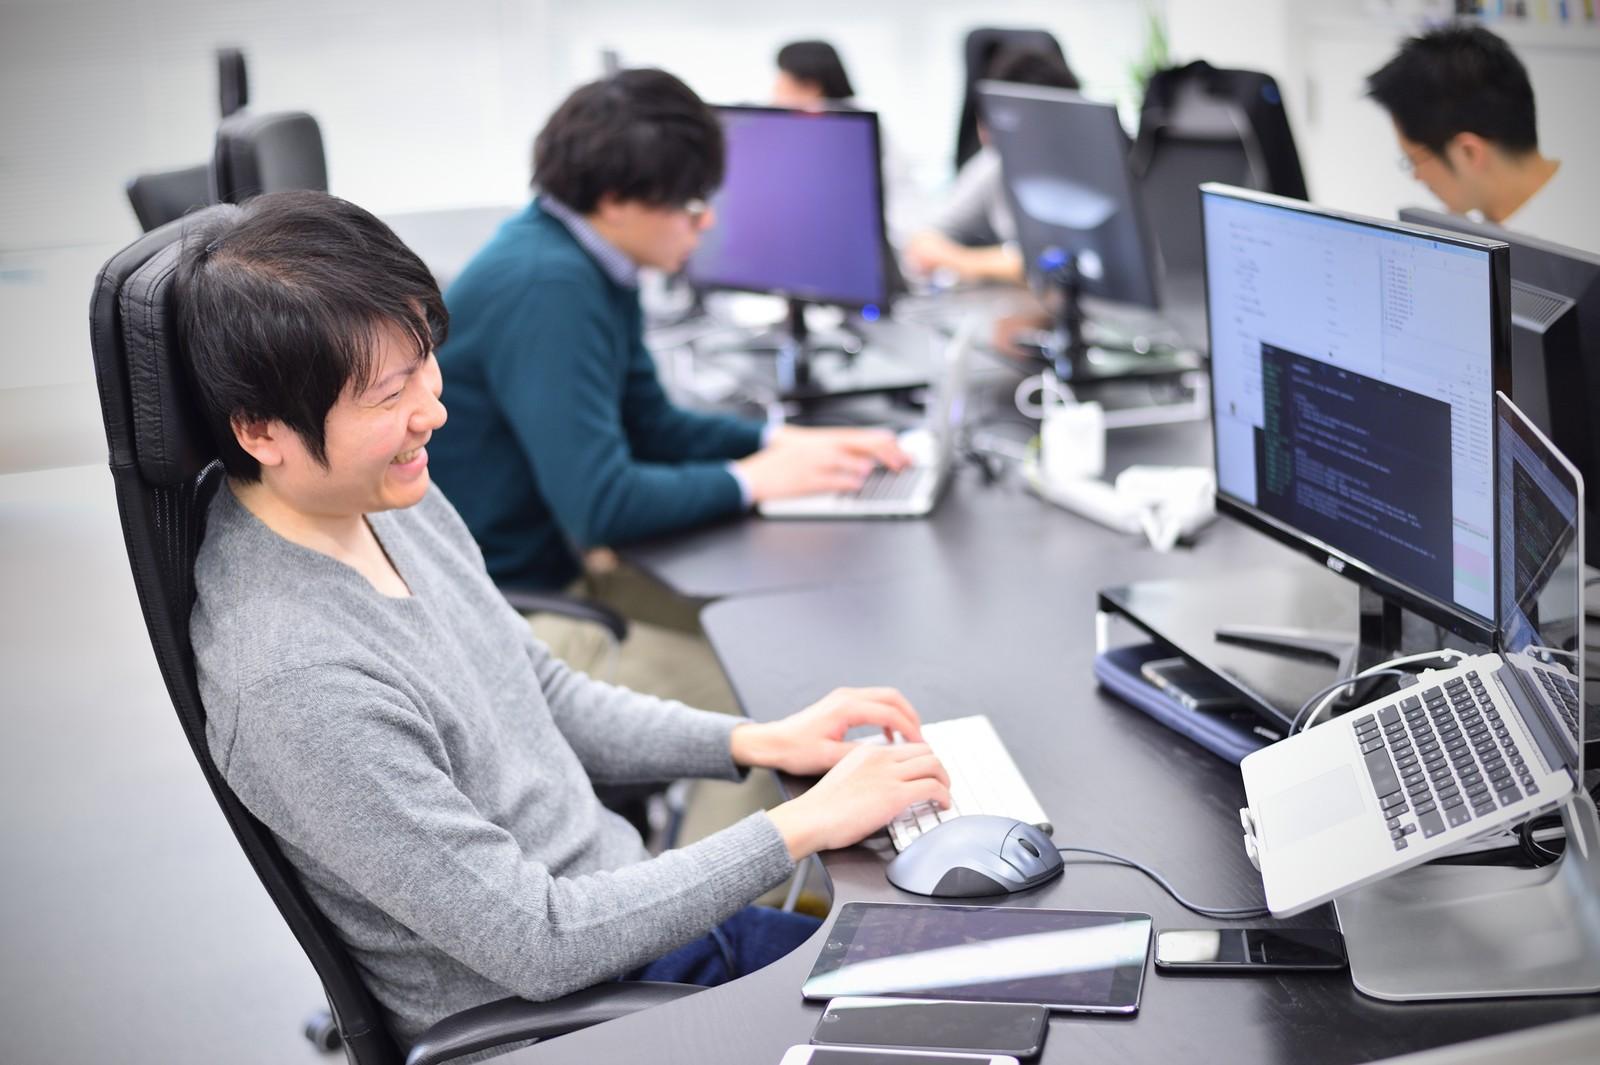 【Rails】画像・動画ベースのマニュアル作成サービス「Teachme Biz」の開発メンバー募集!